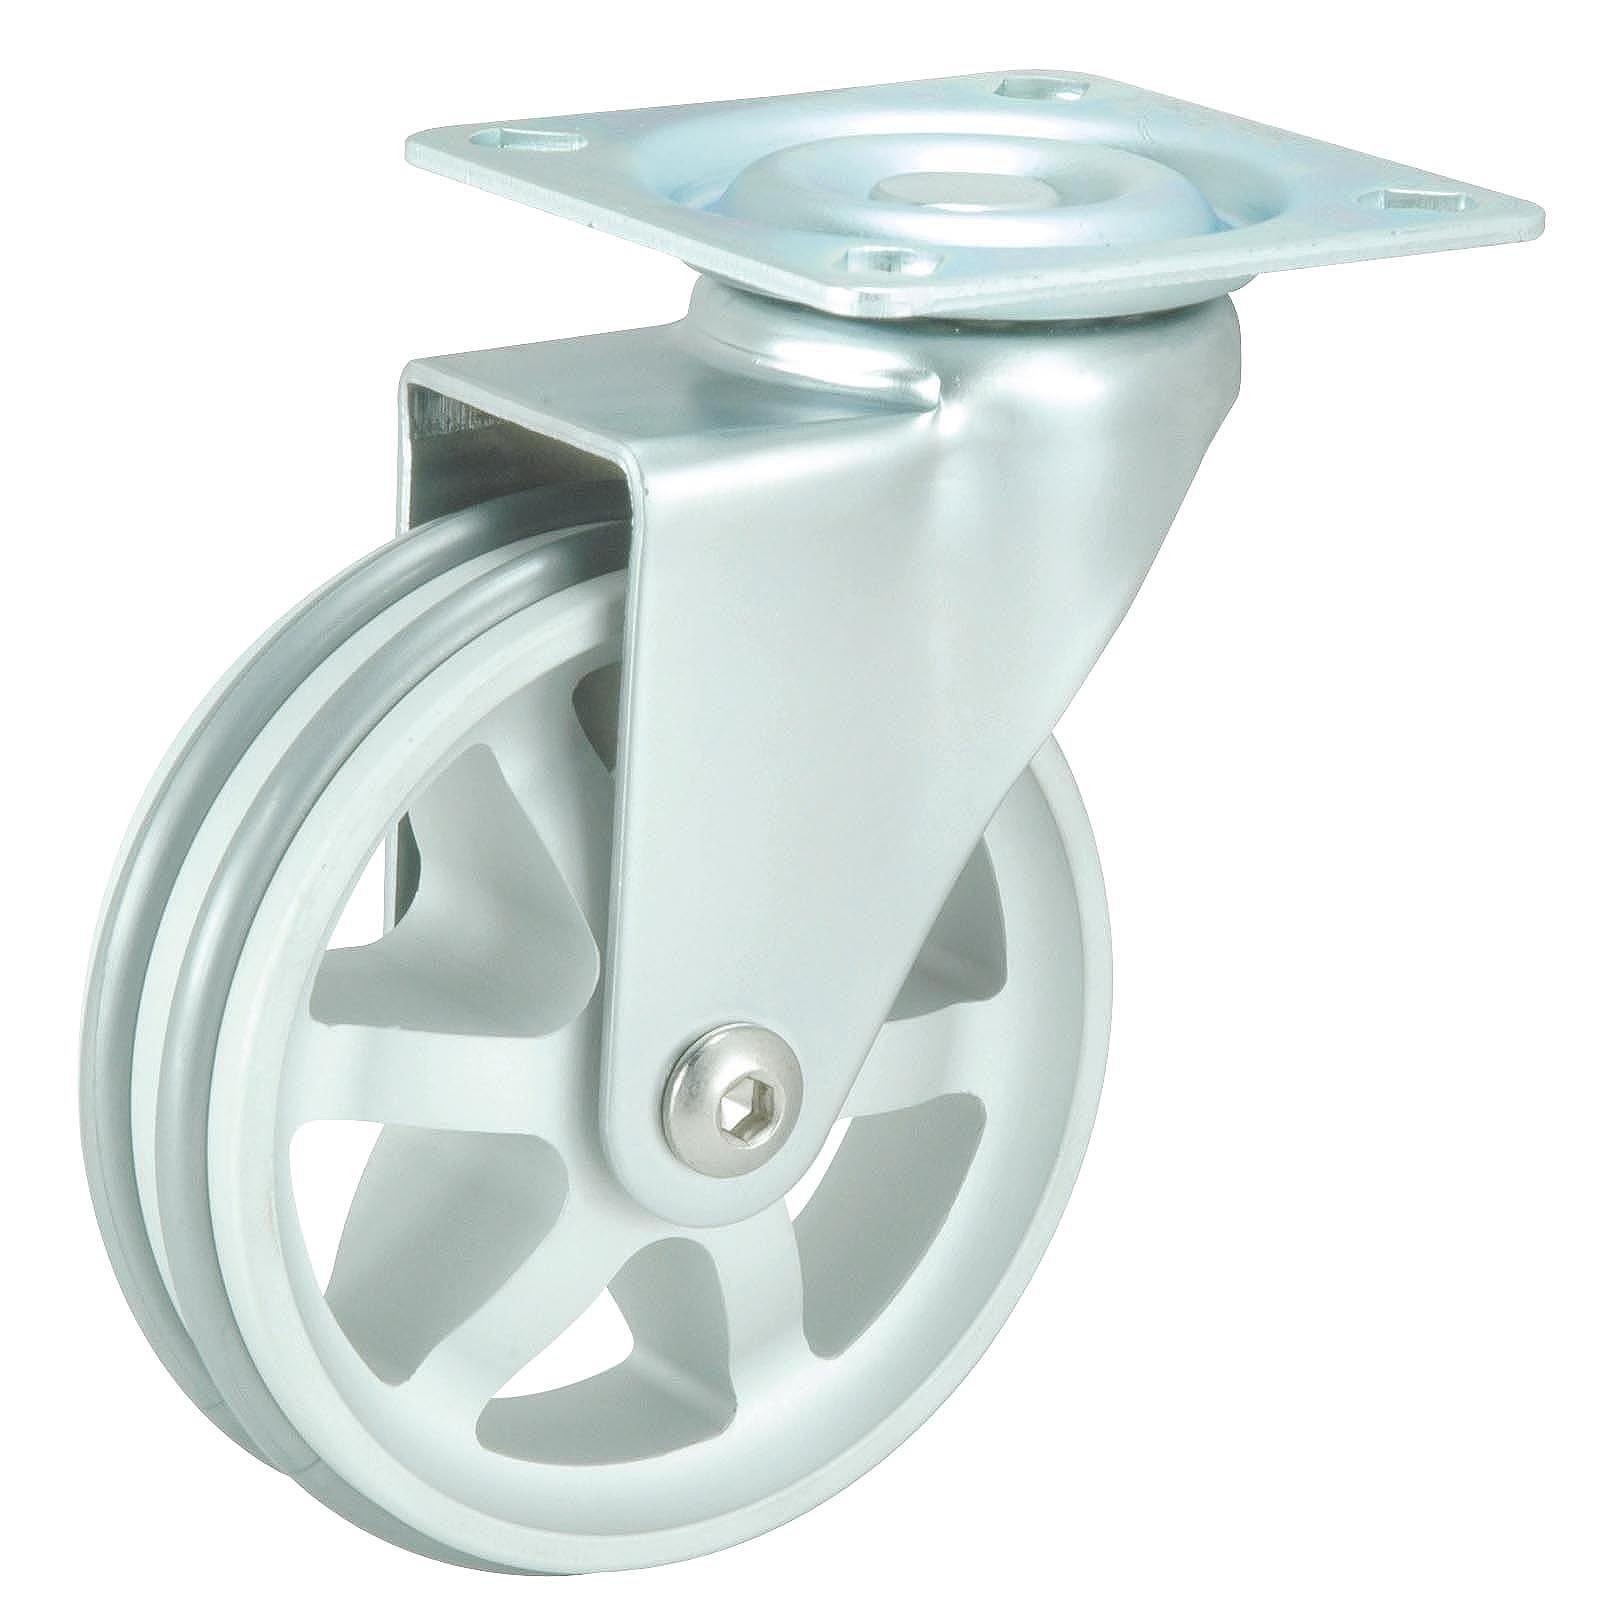 Richelieu Hardware - 87502010502 - Aluminum Double Ring Design Caster - Swivel Without Brake - Aluminum Finish